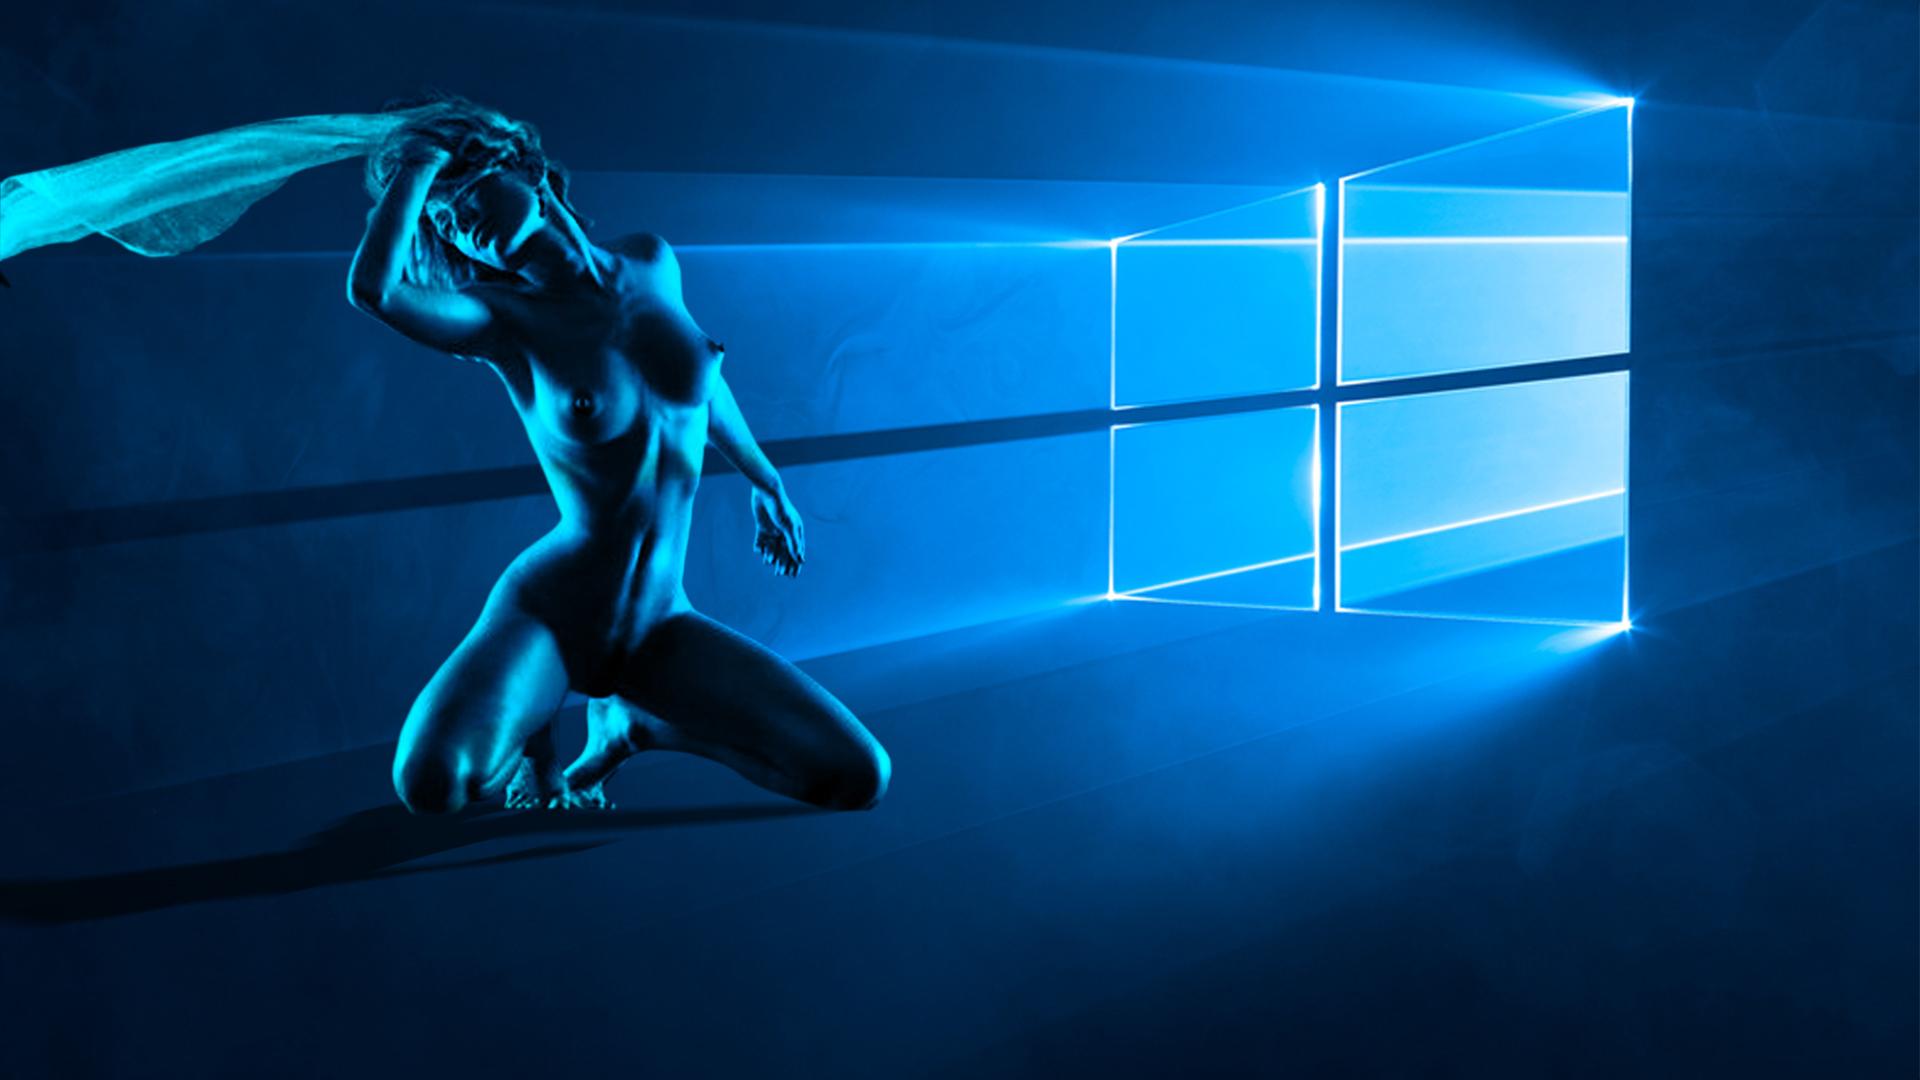 Hot Windows 10 Wallpaper